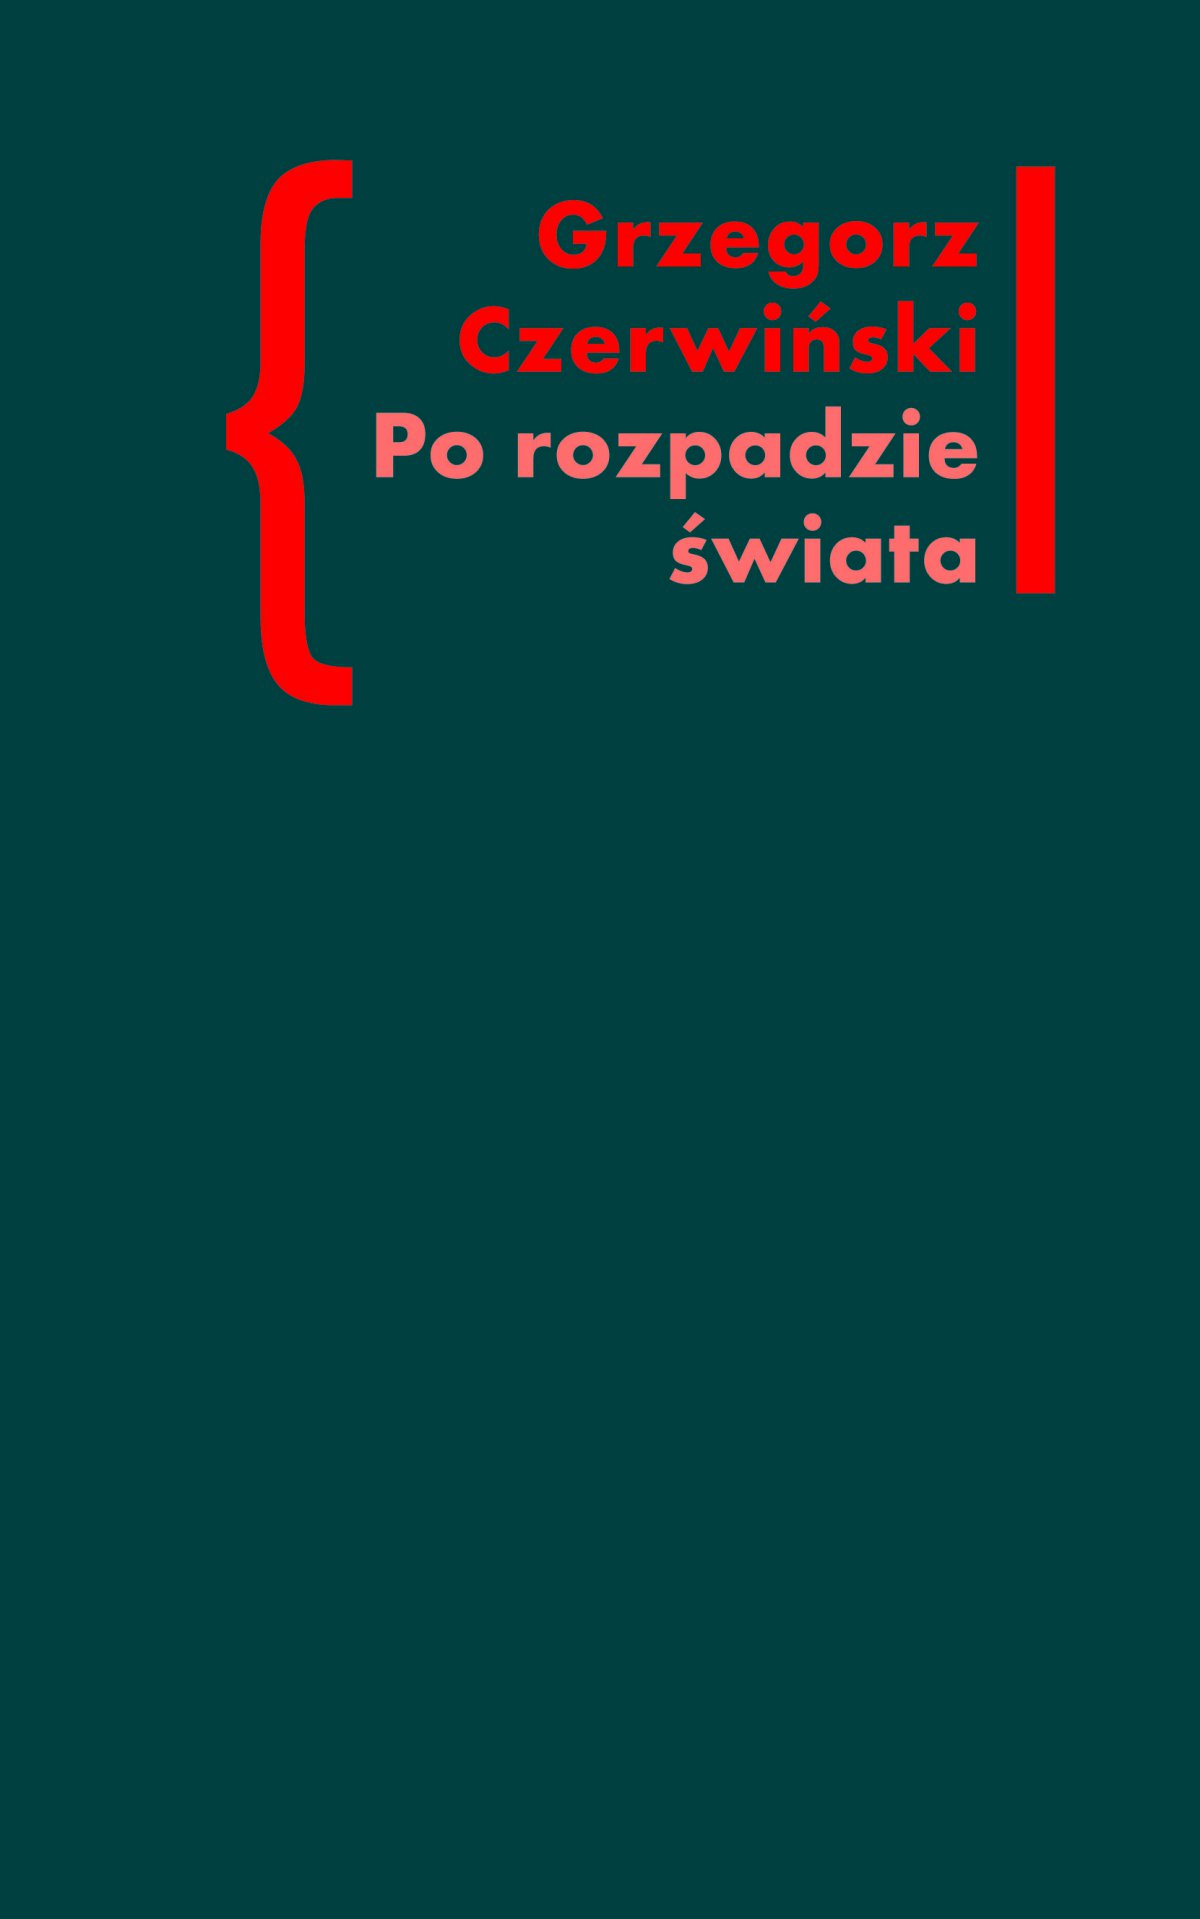 Po rozpadzie świata. O przestrzeni artystycznej w prozie Włodzimierza Odojewskiego - Ebook (Książka EPUB) do pobrania w formacie EPUB